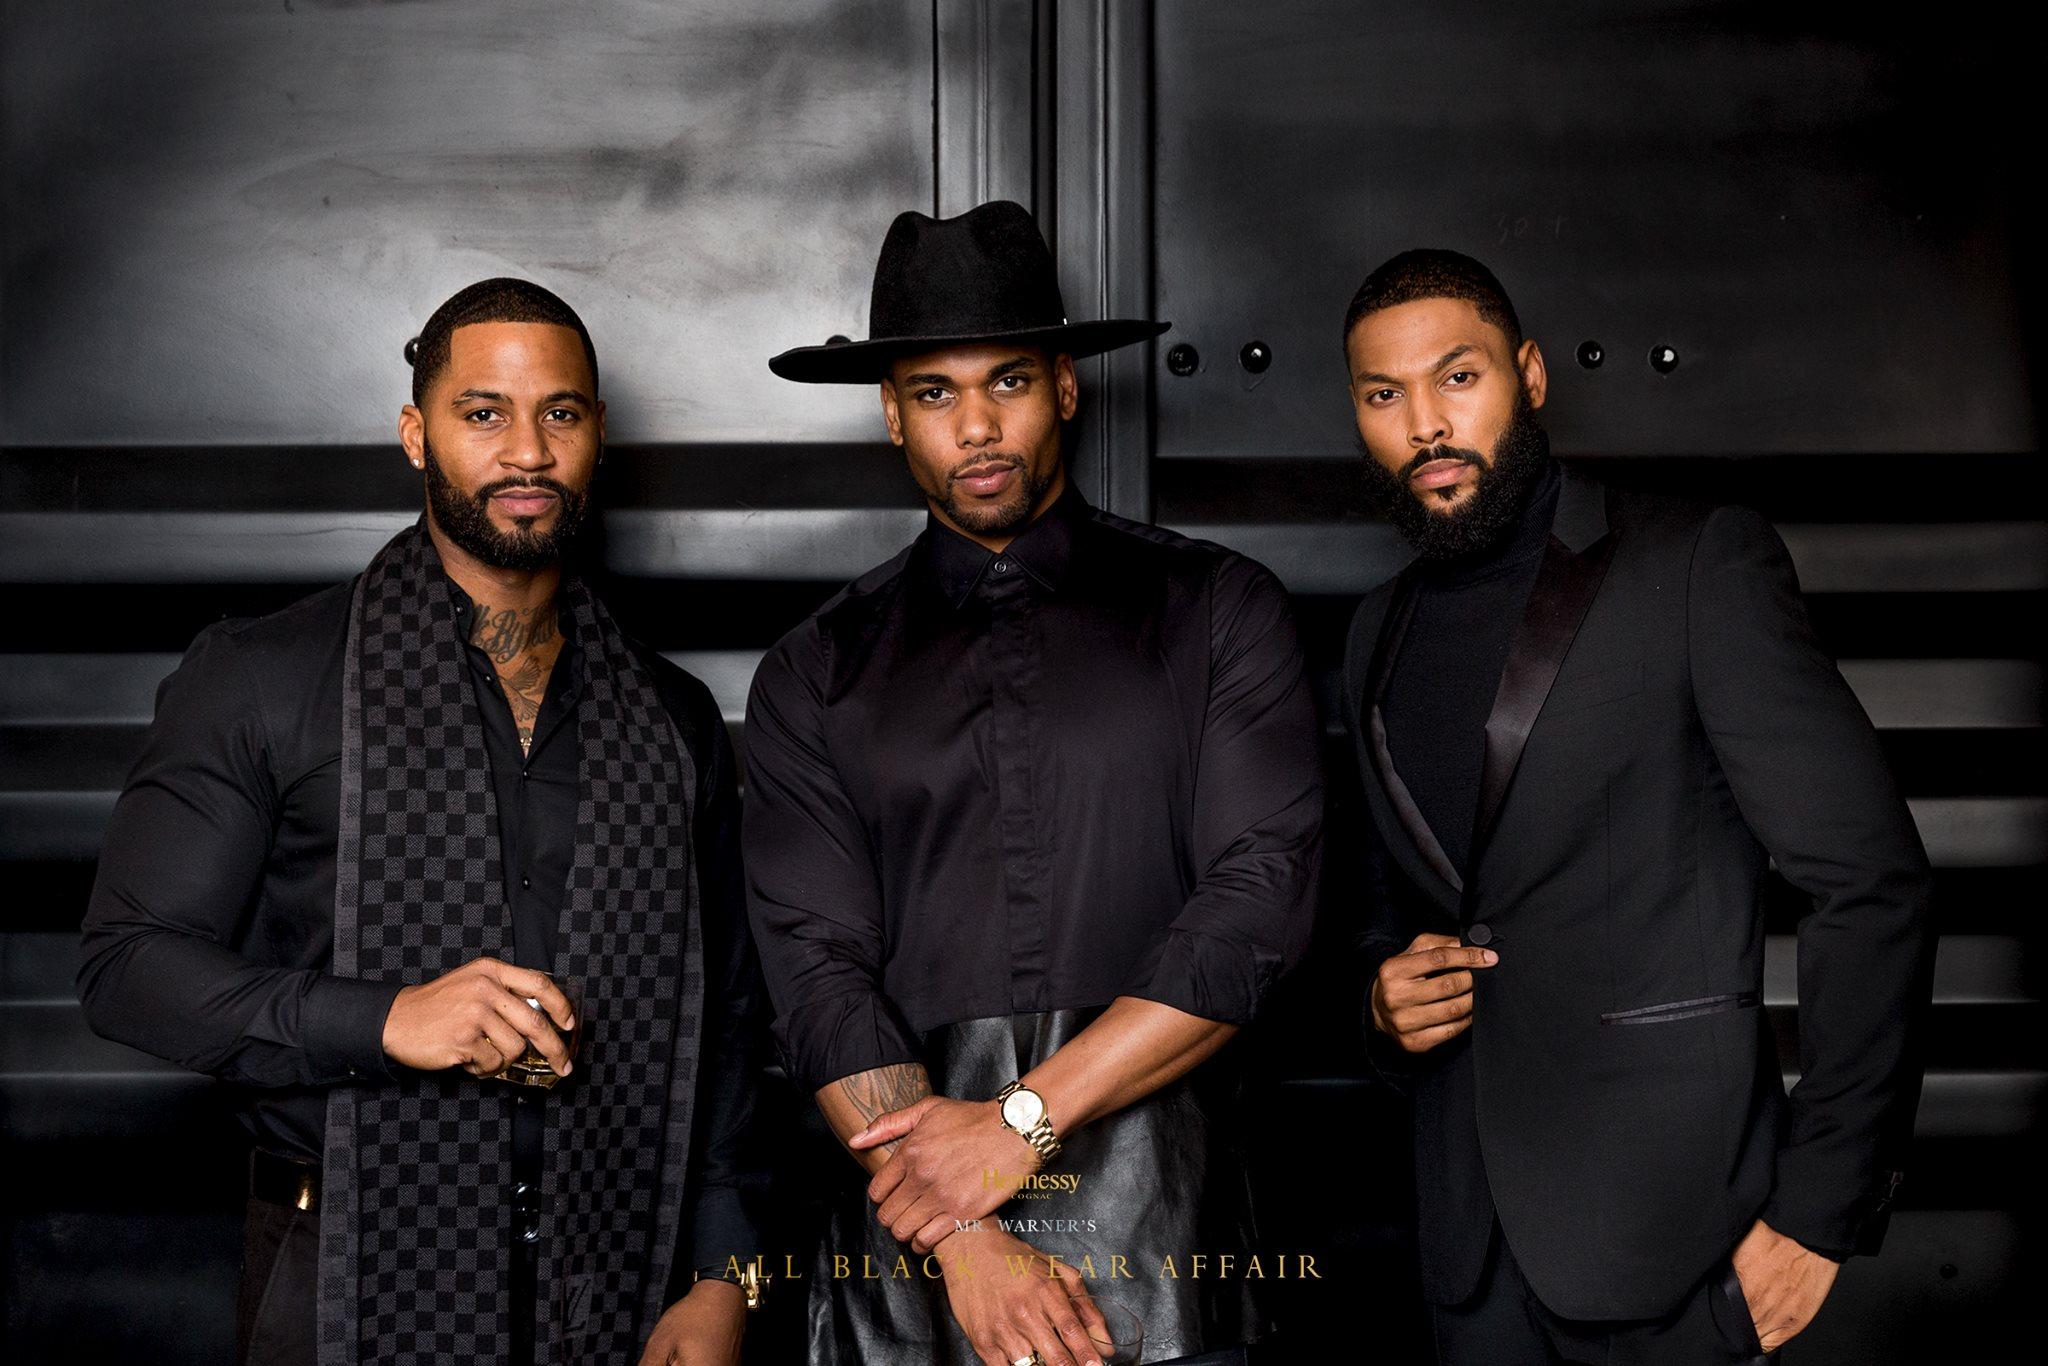 Mr. Warneru0026#39;s All Black Wear Affair